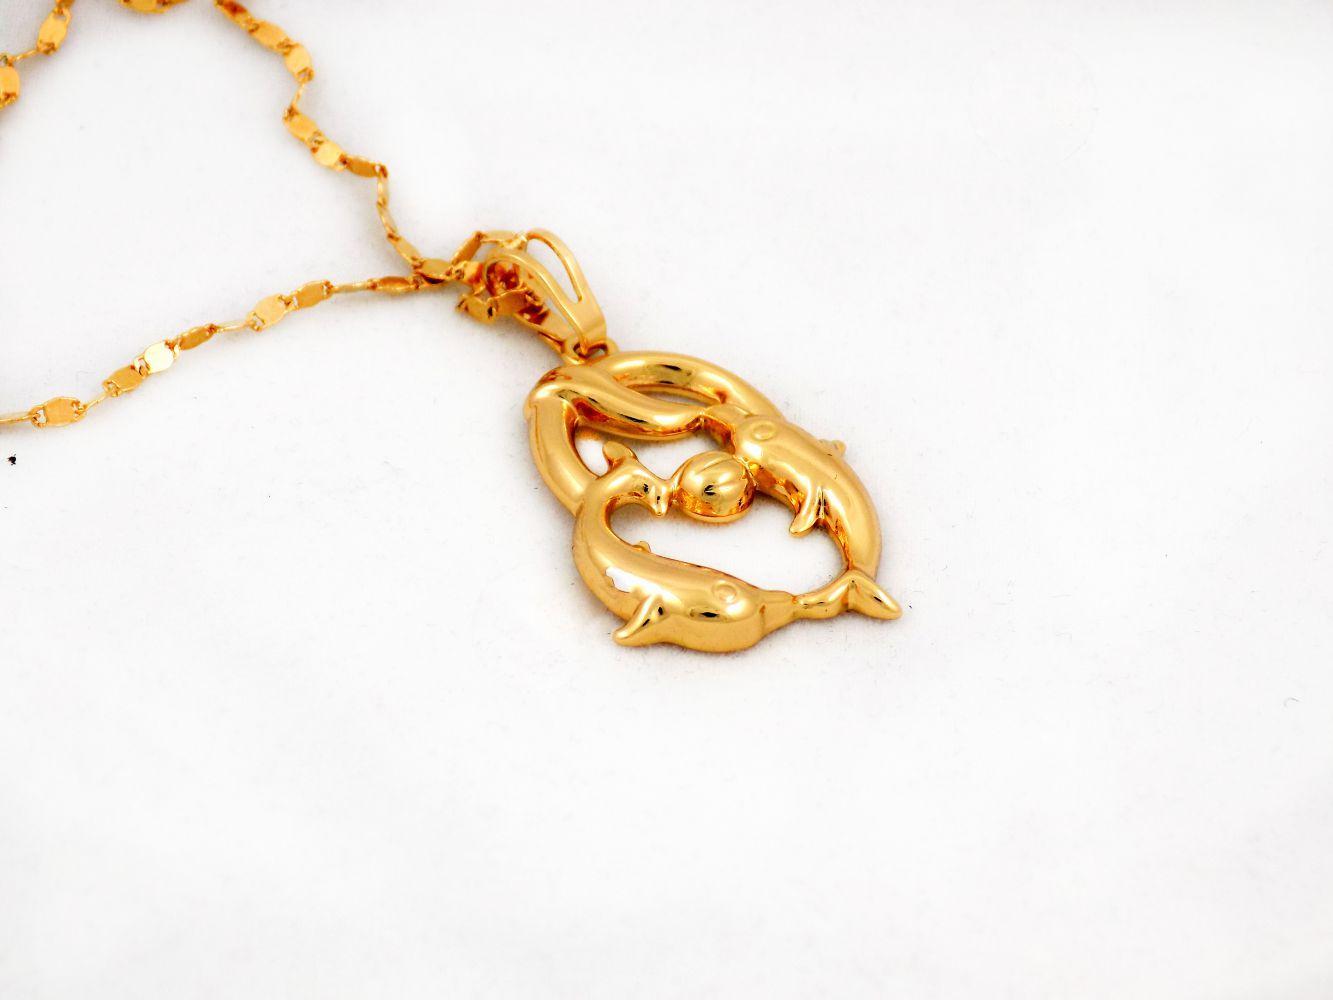 گردنبند دخترانه ژوپینگ ماه تولد اسفند ماه با نماد ماهی nw-n126